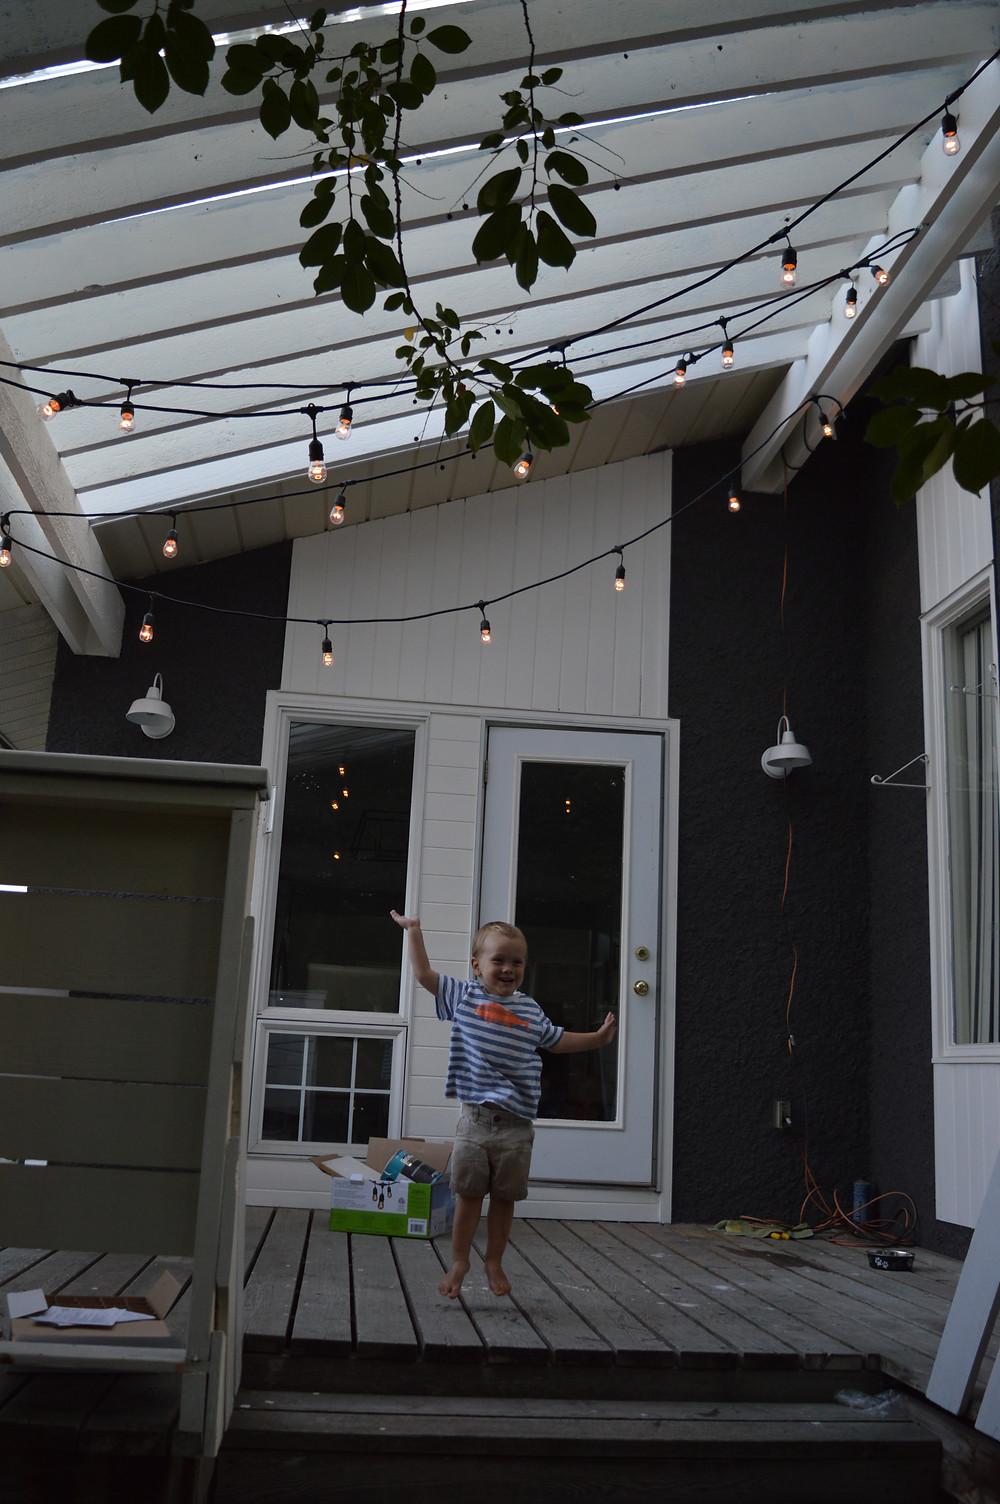 Garden Lights hung